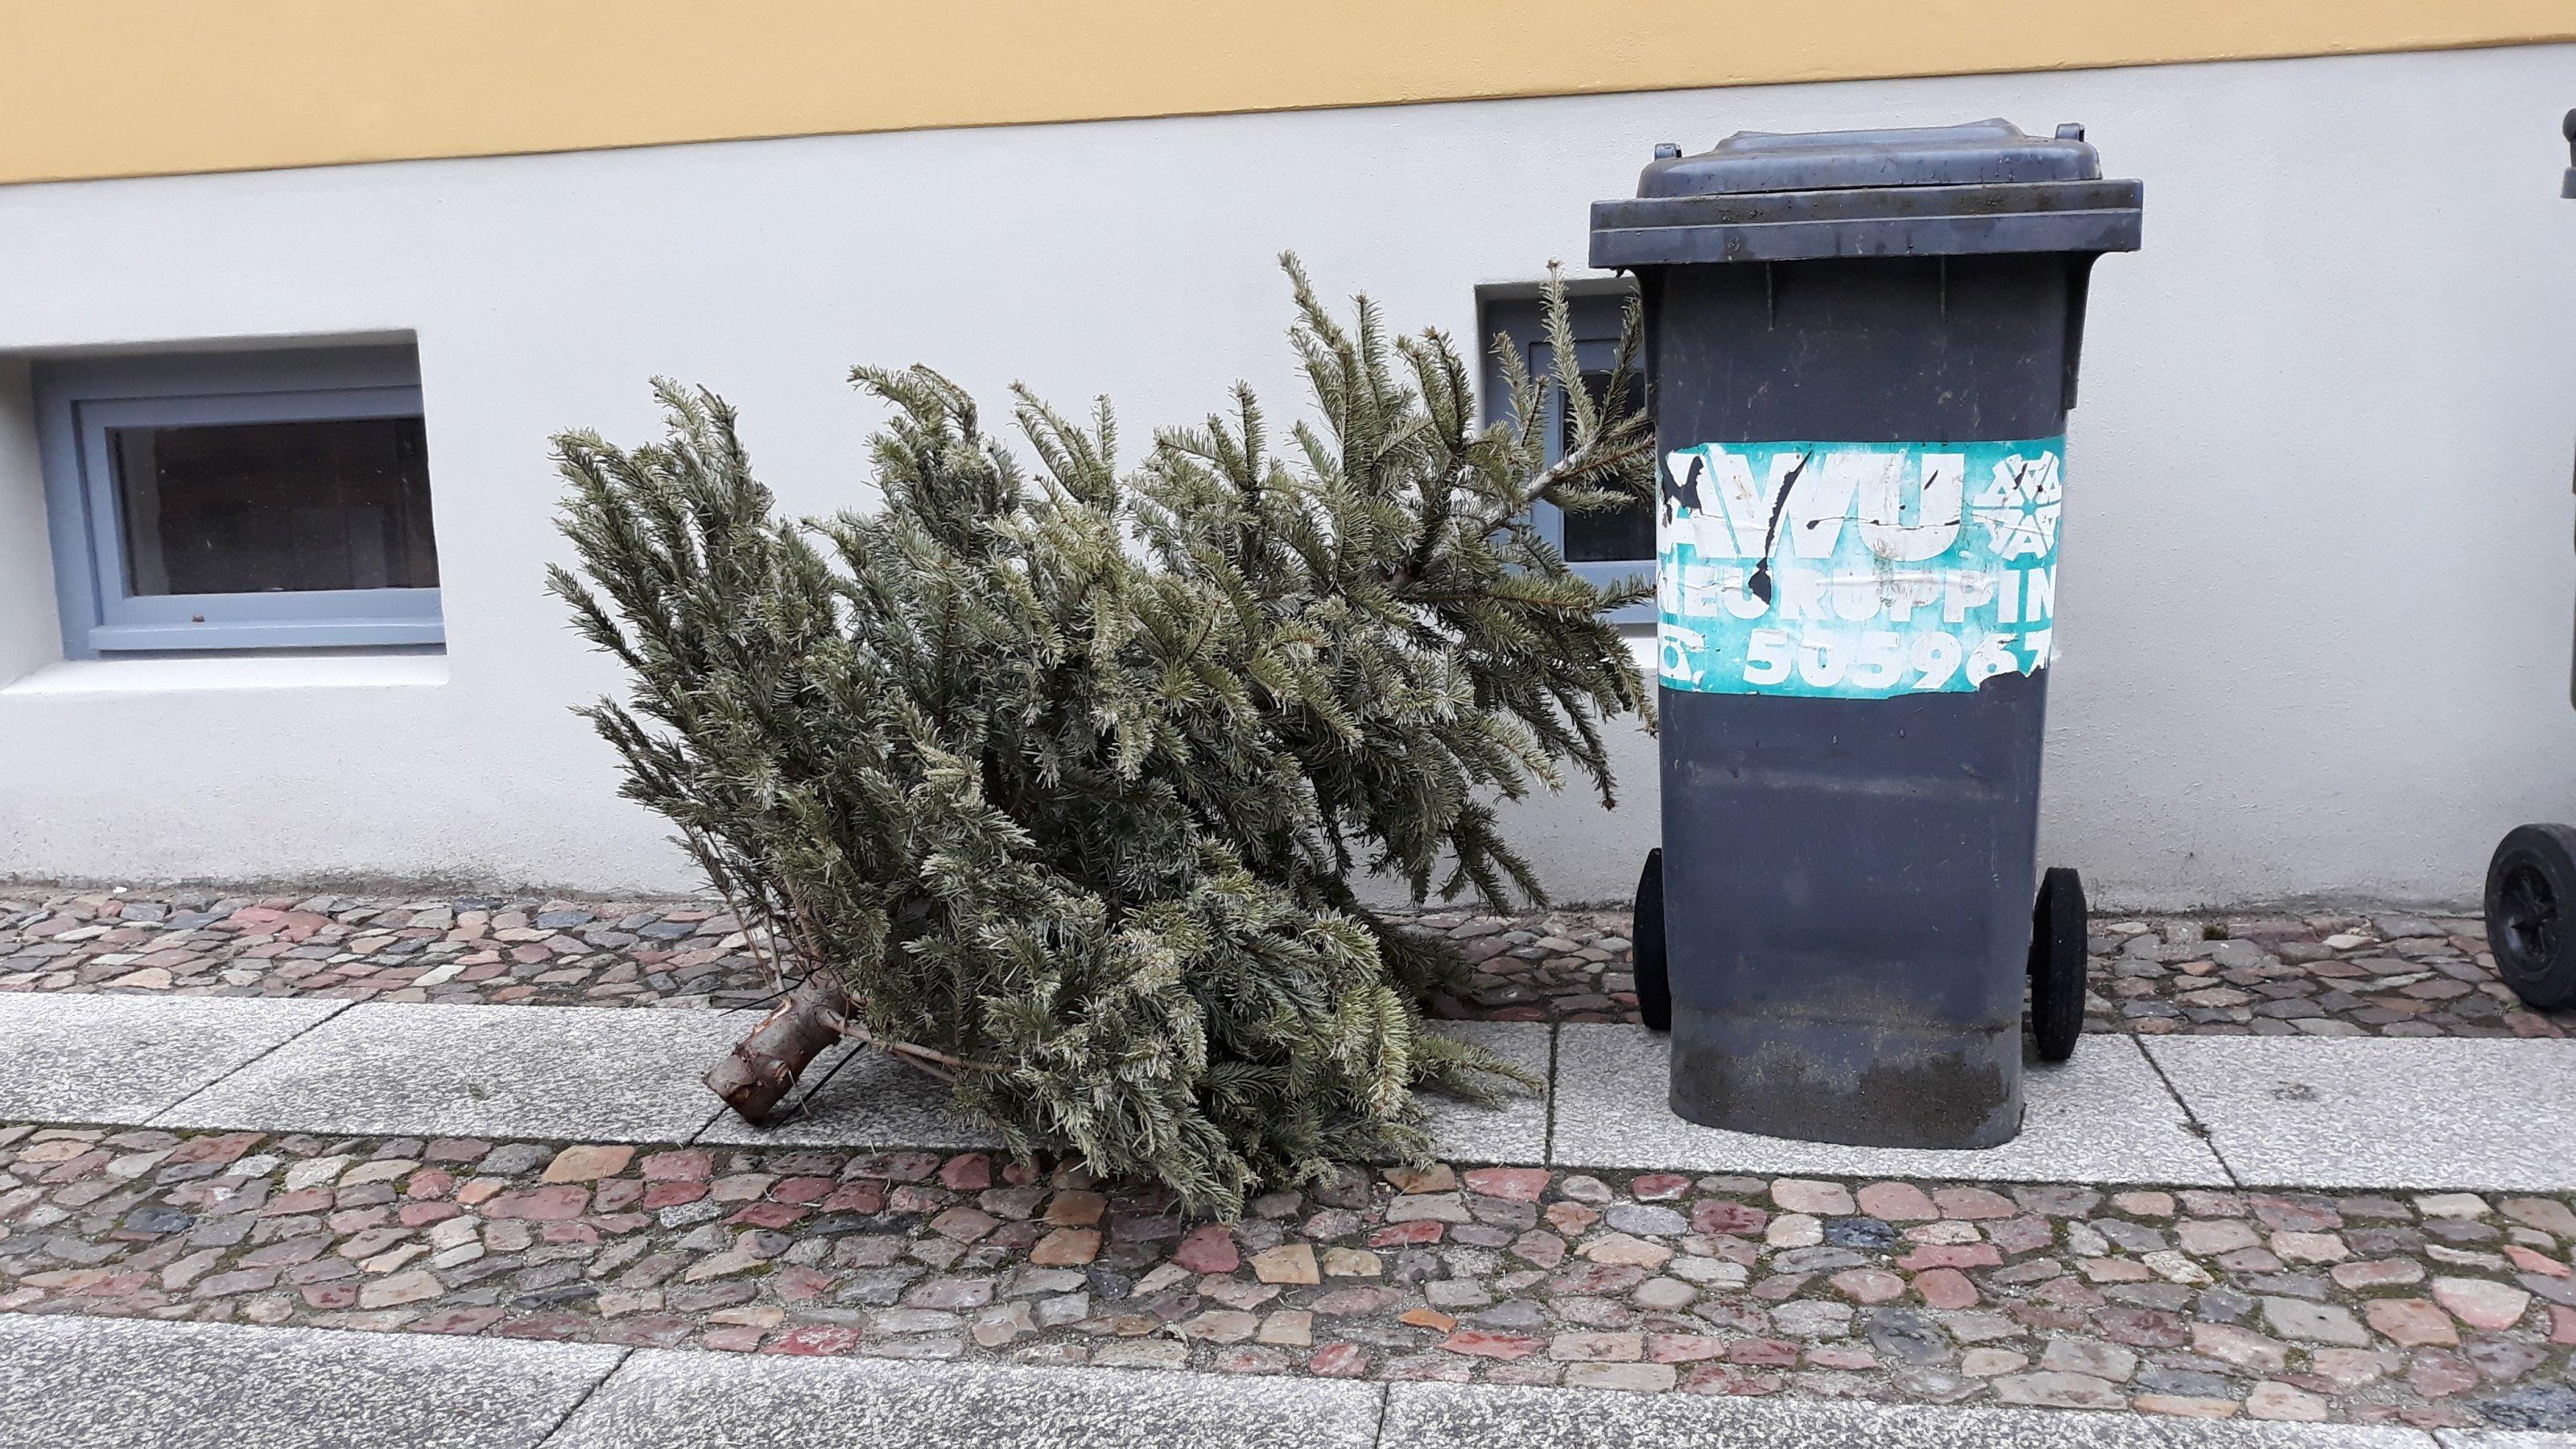 Ein vertrockneter, aber immer noch immergrüner Weihnachtsbaum  steht neben einer Mülltonne auf dem Gehweg und wartet auf das Müllauto. Die meisten Weihnachtsbäume werden thermisch entsorgt, also verbrannt